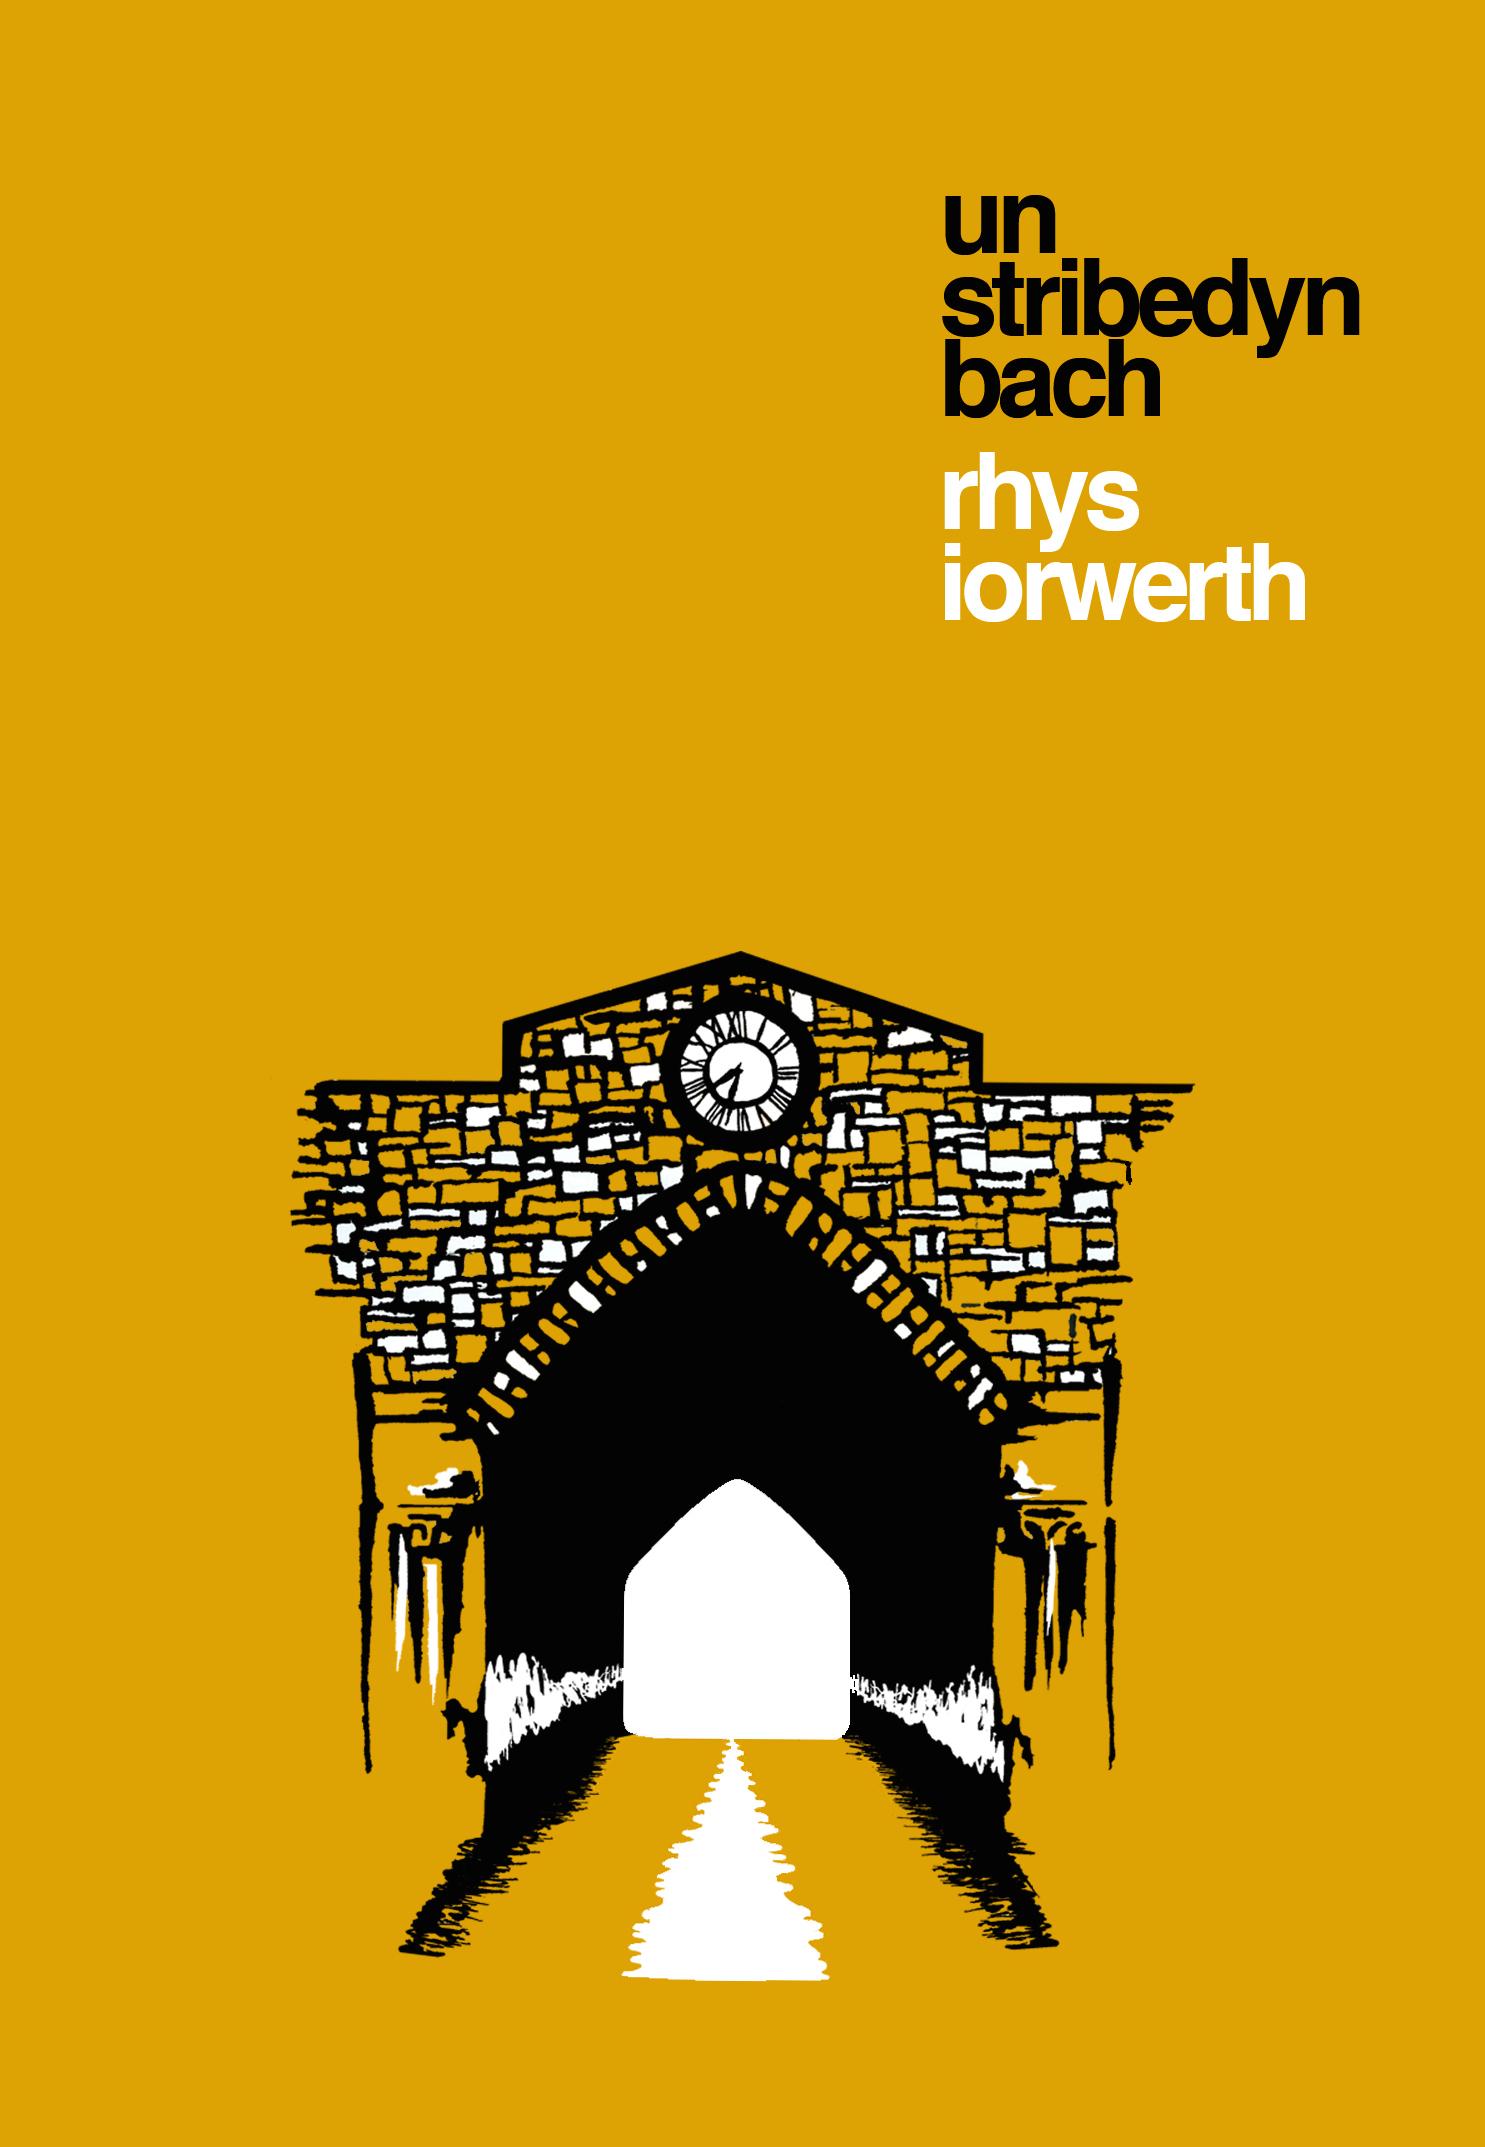 Un Stribedyn Bach (2014)  Rhys Iorwerth  Gwasg Carreg Gwalch